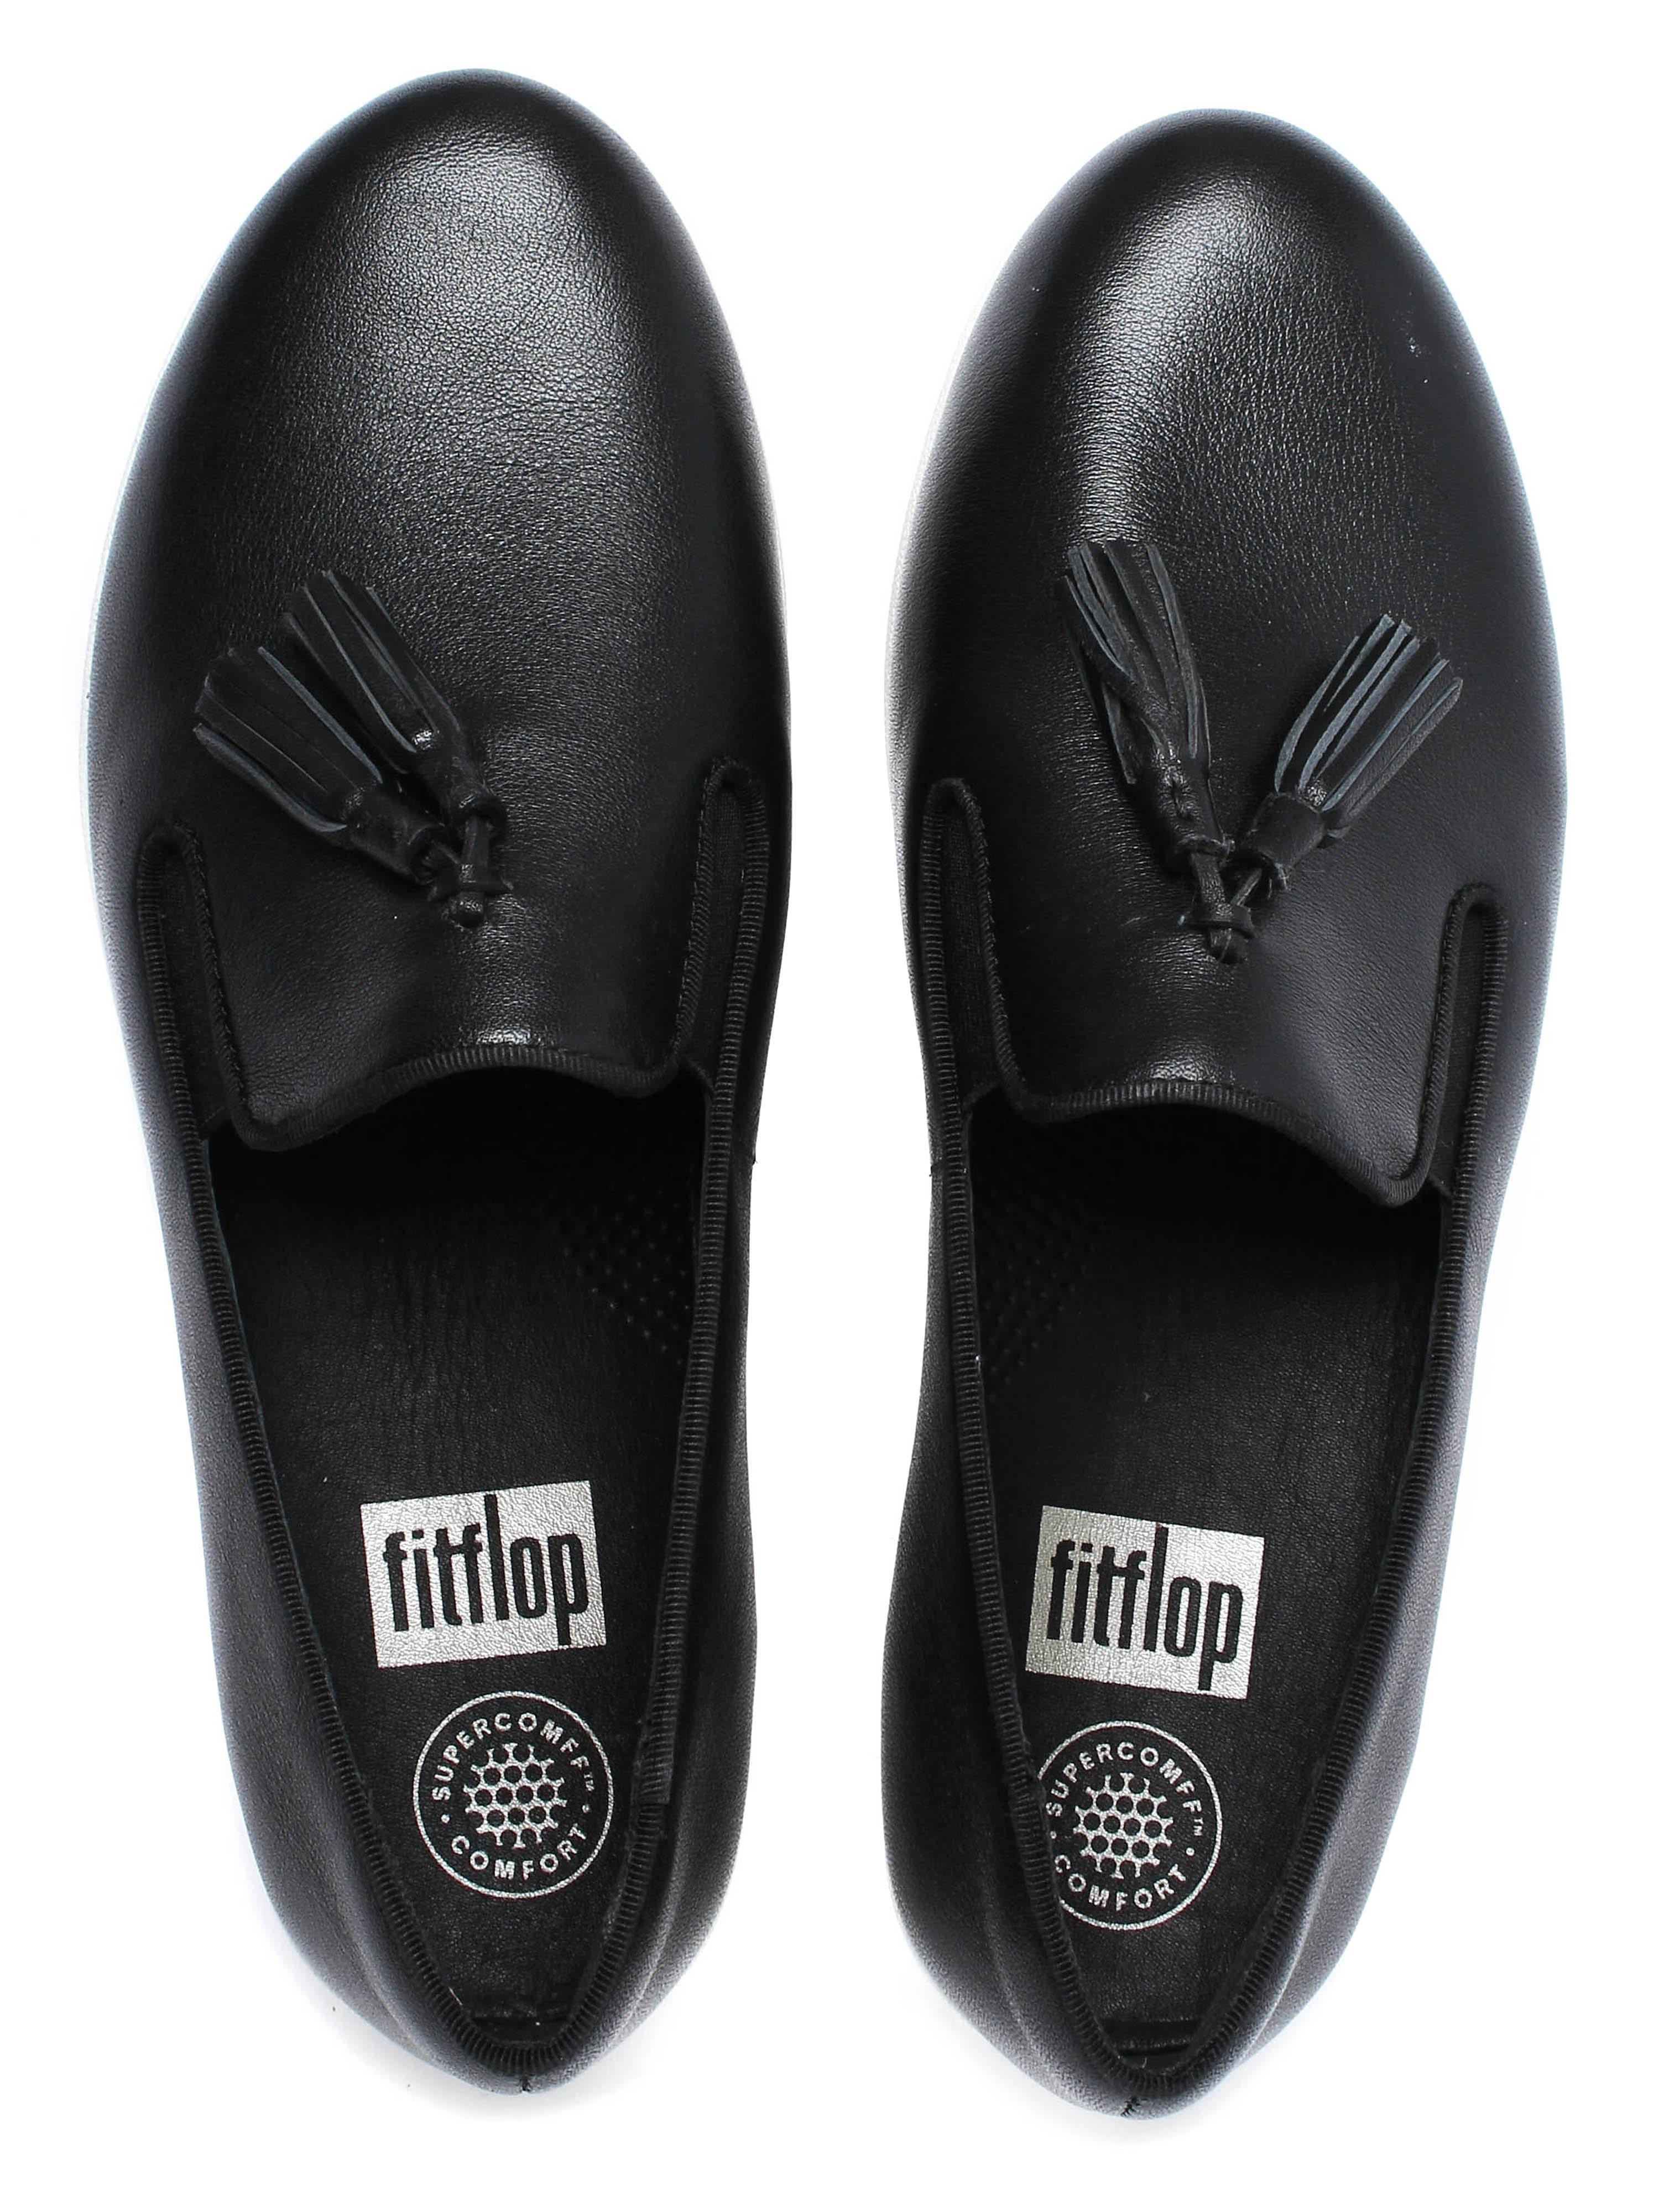 FitFlop Womens Tassel Superskate™ Shoe - Black Leather